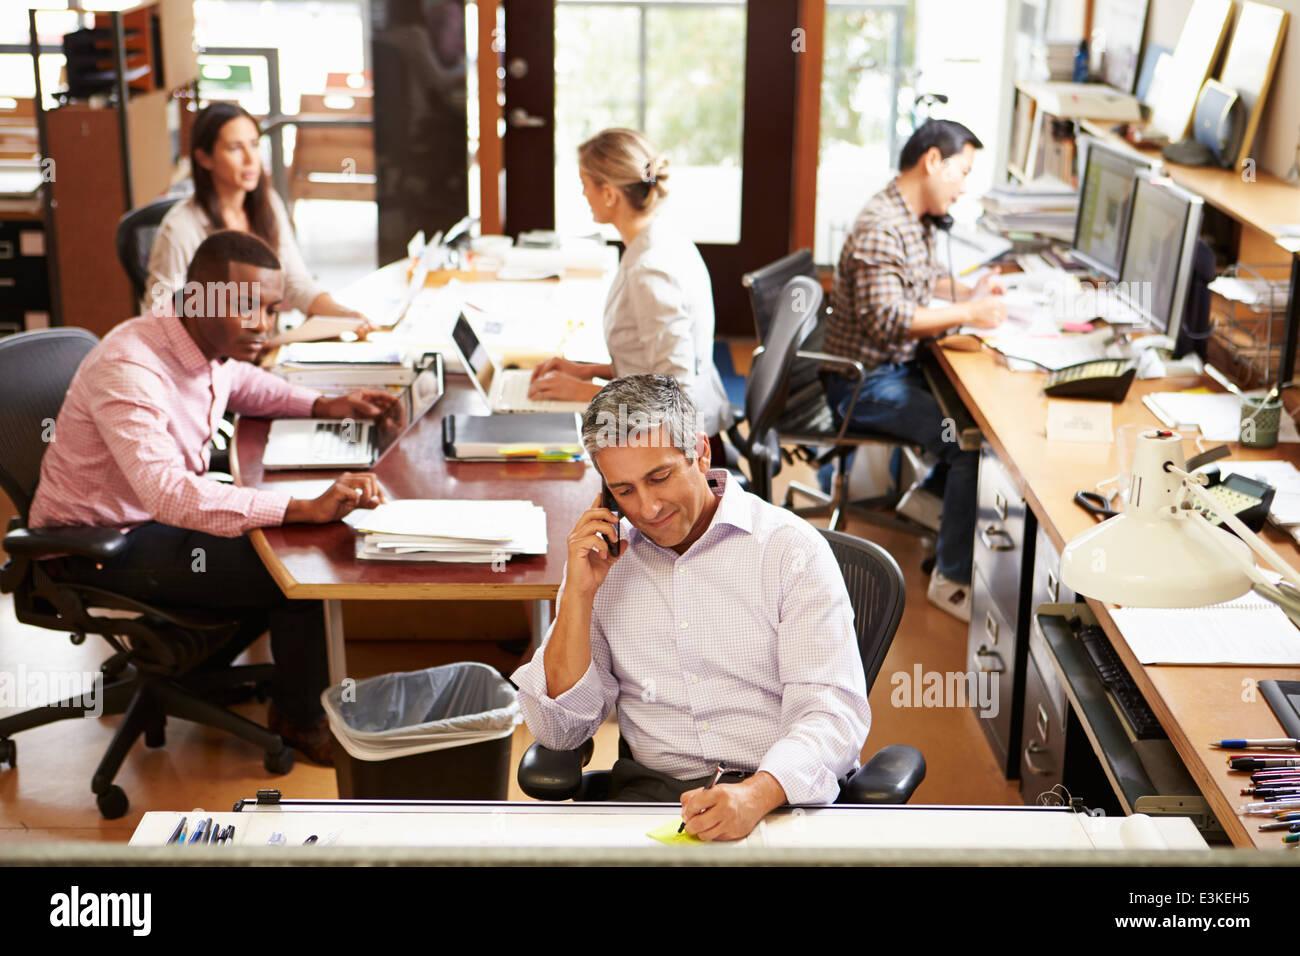 Interno occupato di ufficio dell'architetto con personale che lavora Immagini Stock